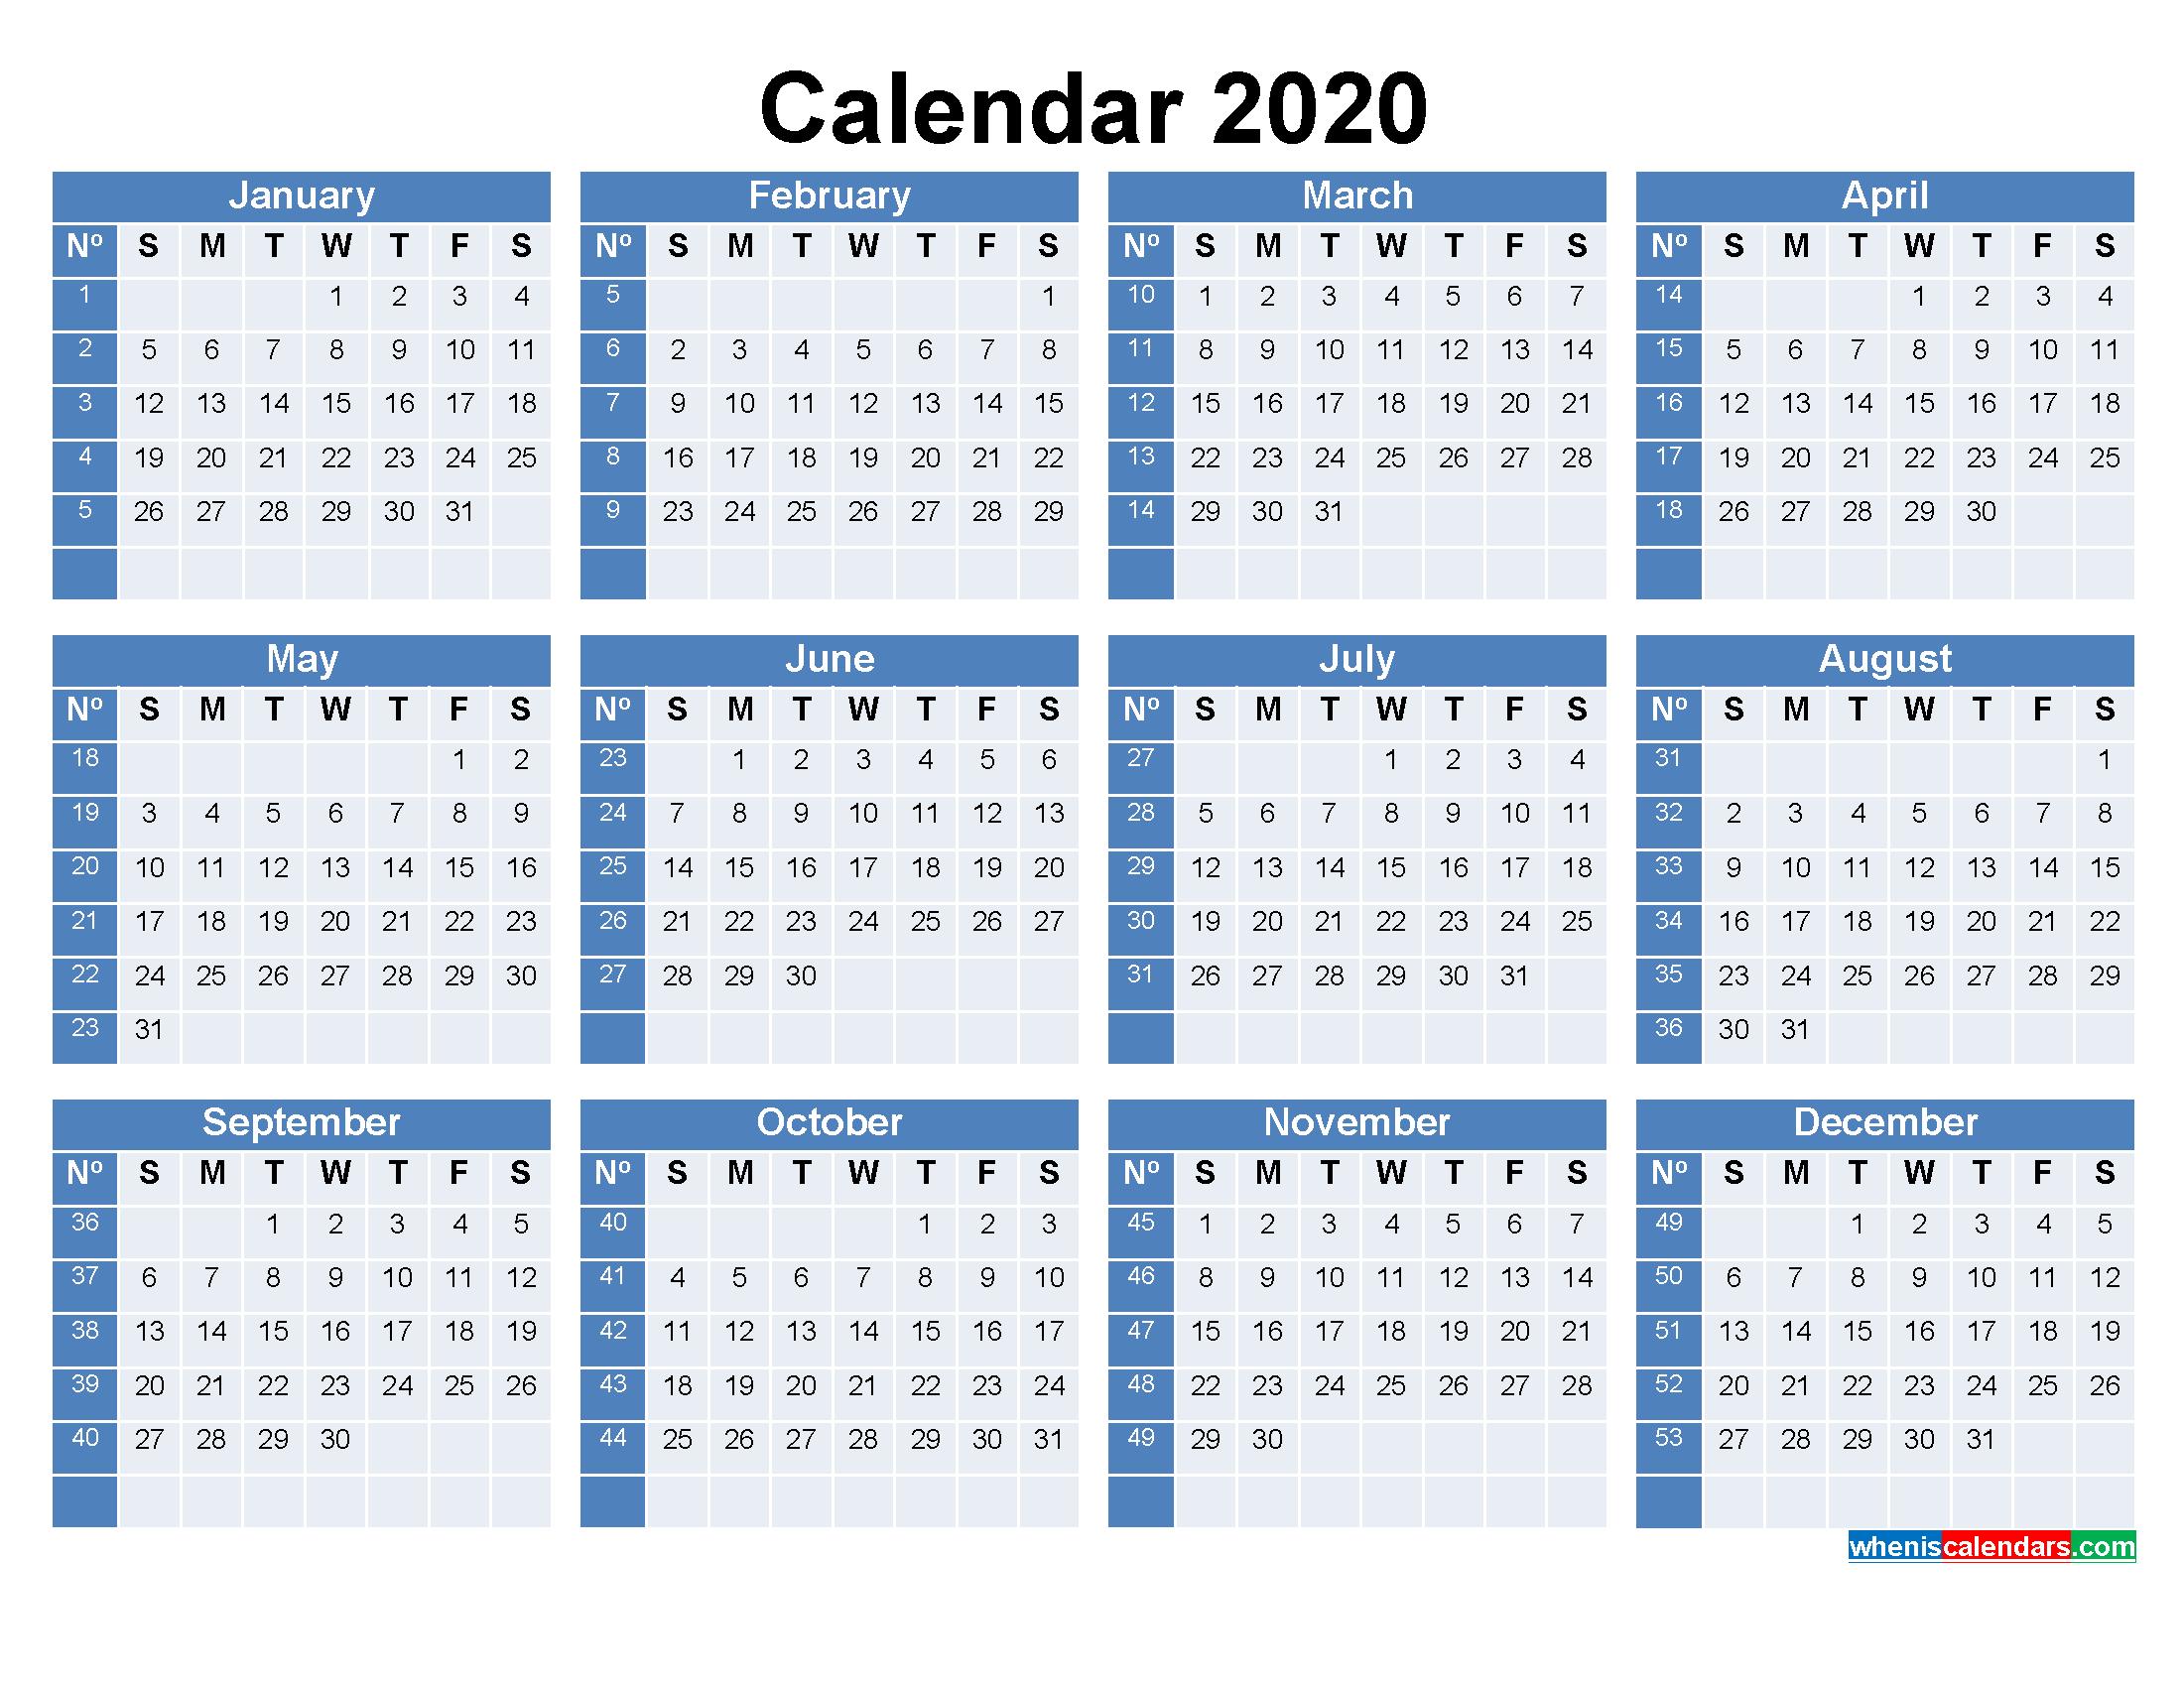 Printable Calendar With Week Numbers 2020 Word, Pdf  Calendar By Week Number Pdf